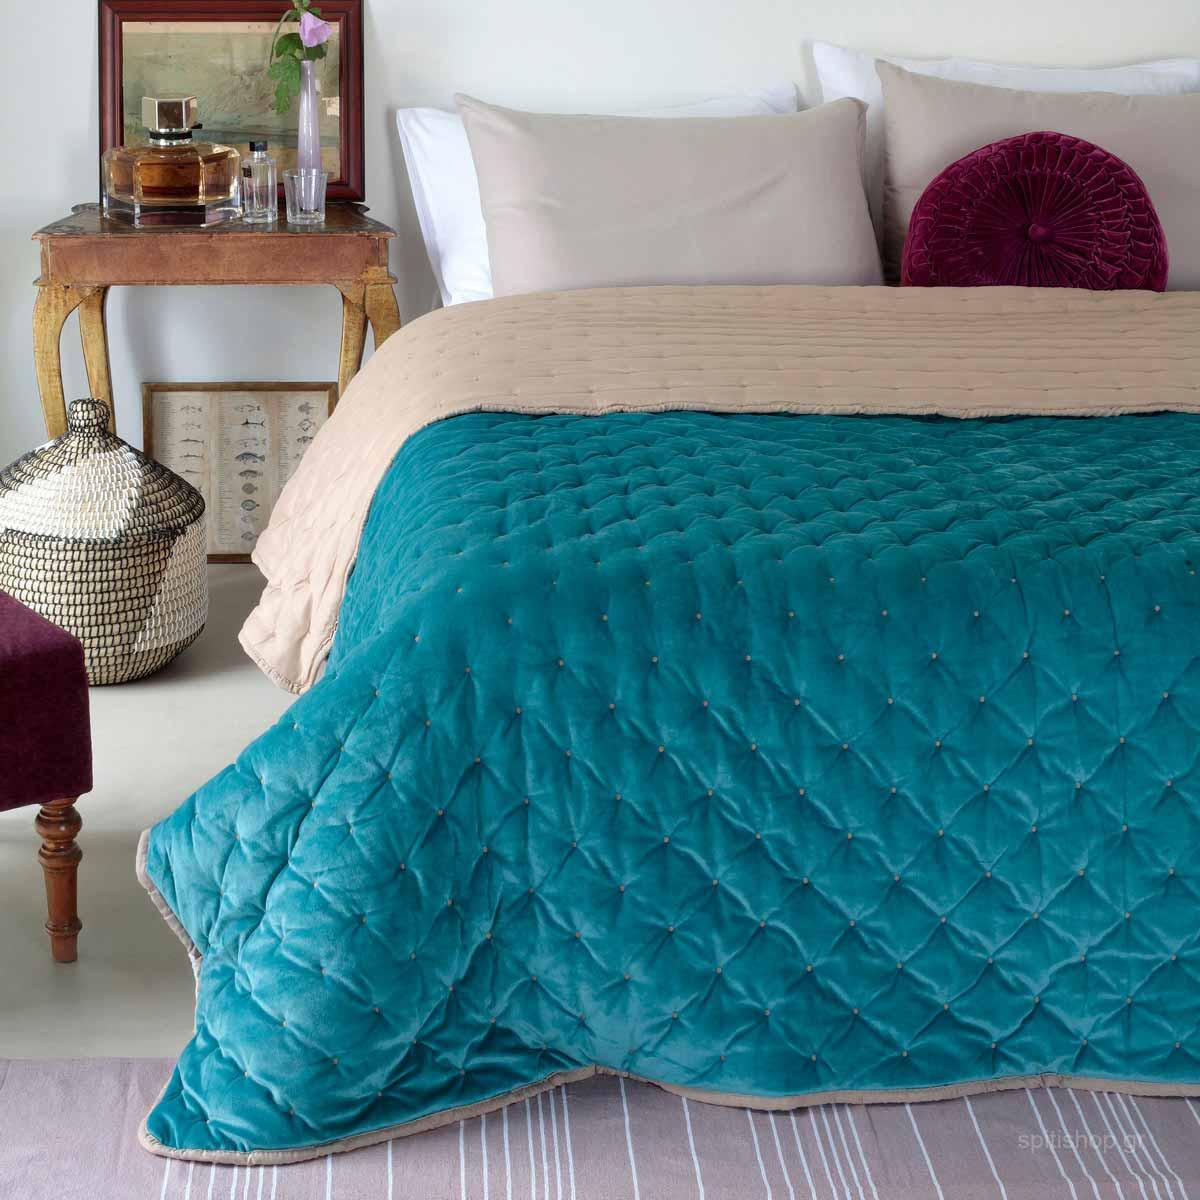 Κουβερτοπάπλωμα Υπέρδιπλο Melinen Lush Teal home   κρεβατοκάμαρα   παπλώματα   κουβερτοπαπλώματα